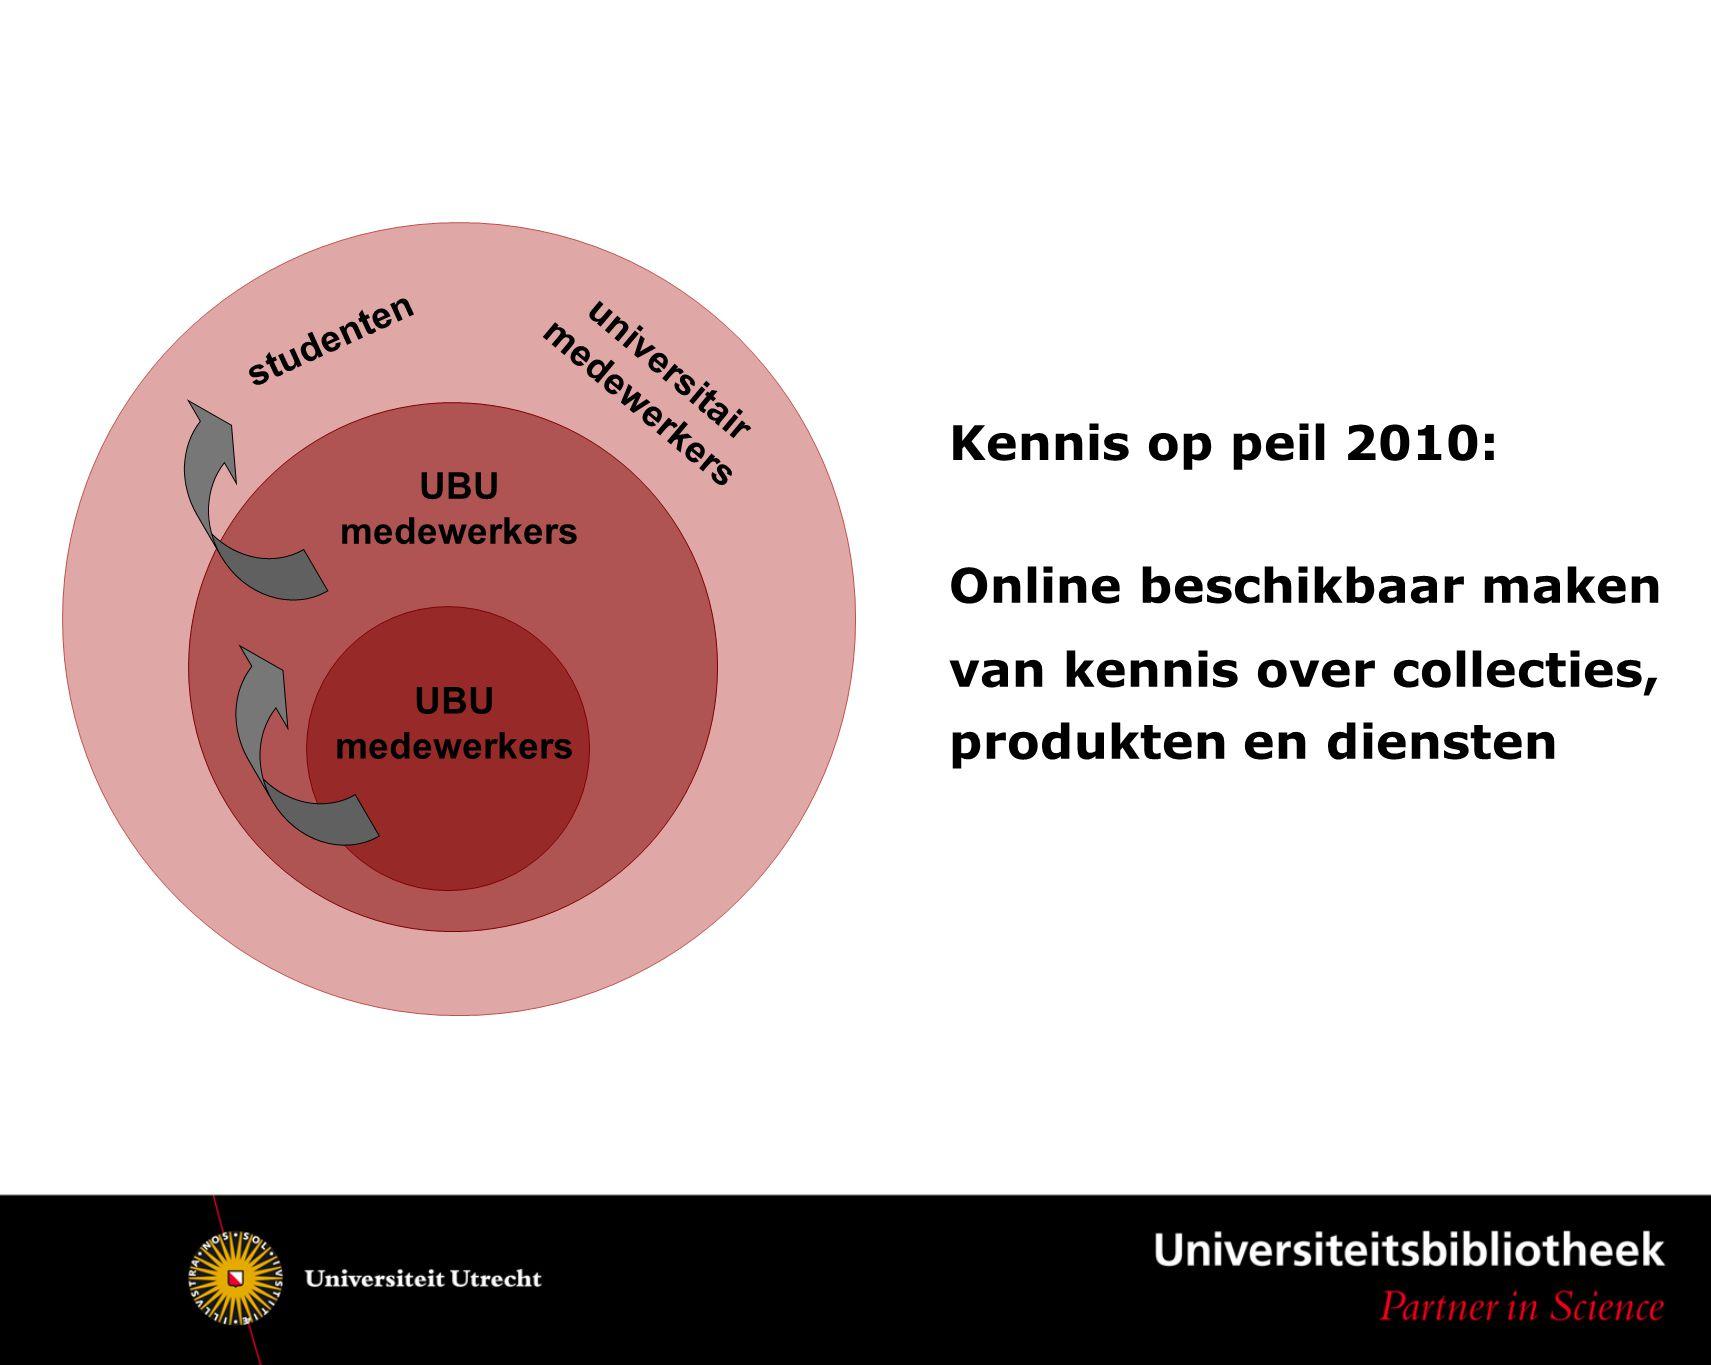 UBU medewerkers UBU medewerkers universitair medewerkers studenten Kennis op peil 2010: Online beschikbaar maken van kennis over collecties, produkten en diensten